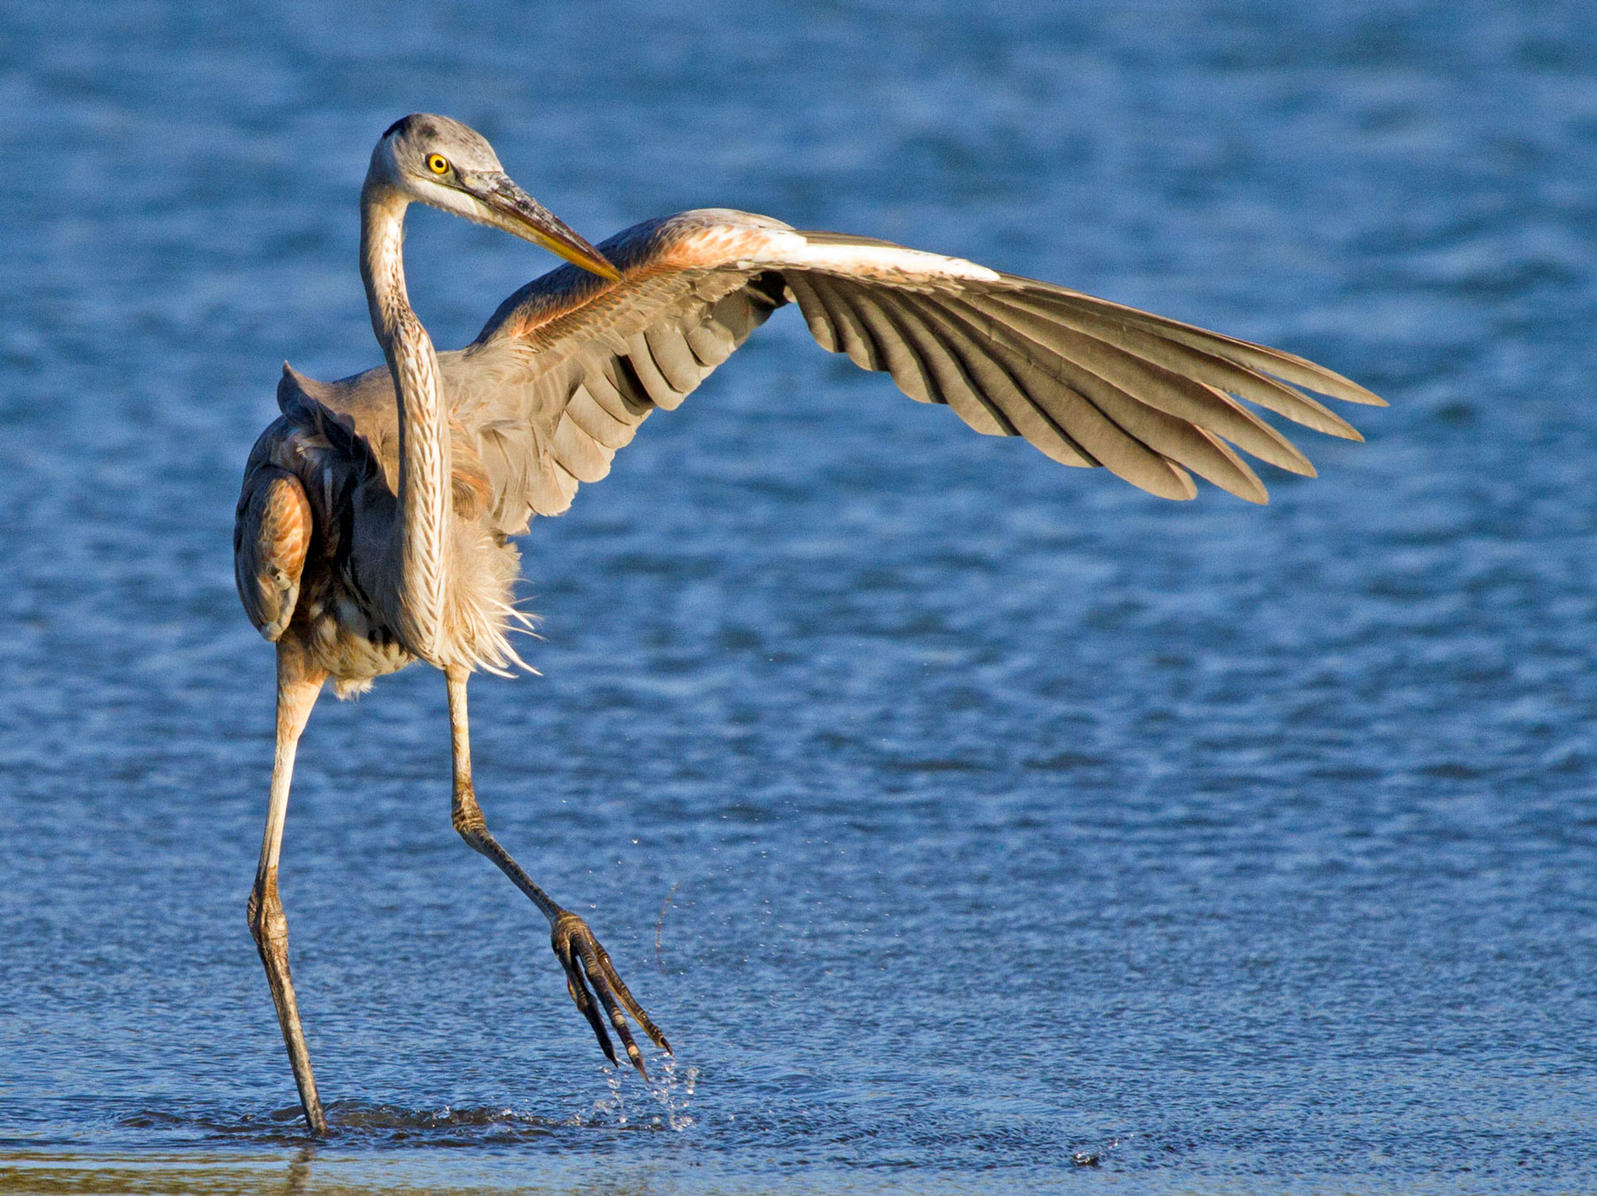 Great Blue Heron. Katherine Westover/Audubon Photography Awards